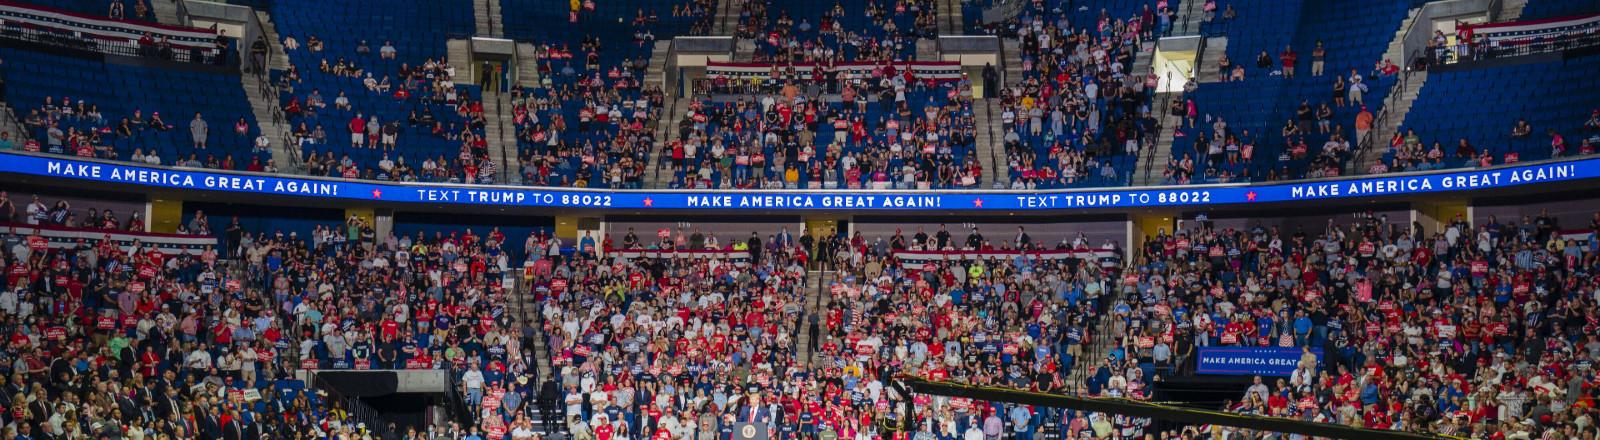 USA, Wahlkampfauftritt von Donald Trump in Tulsa vor teils leeren Rängen